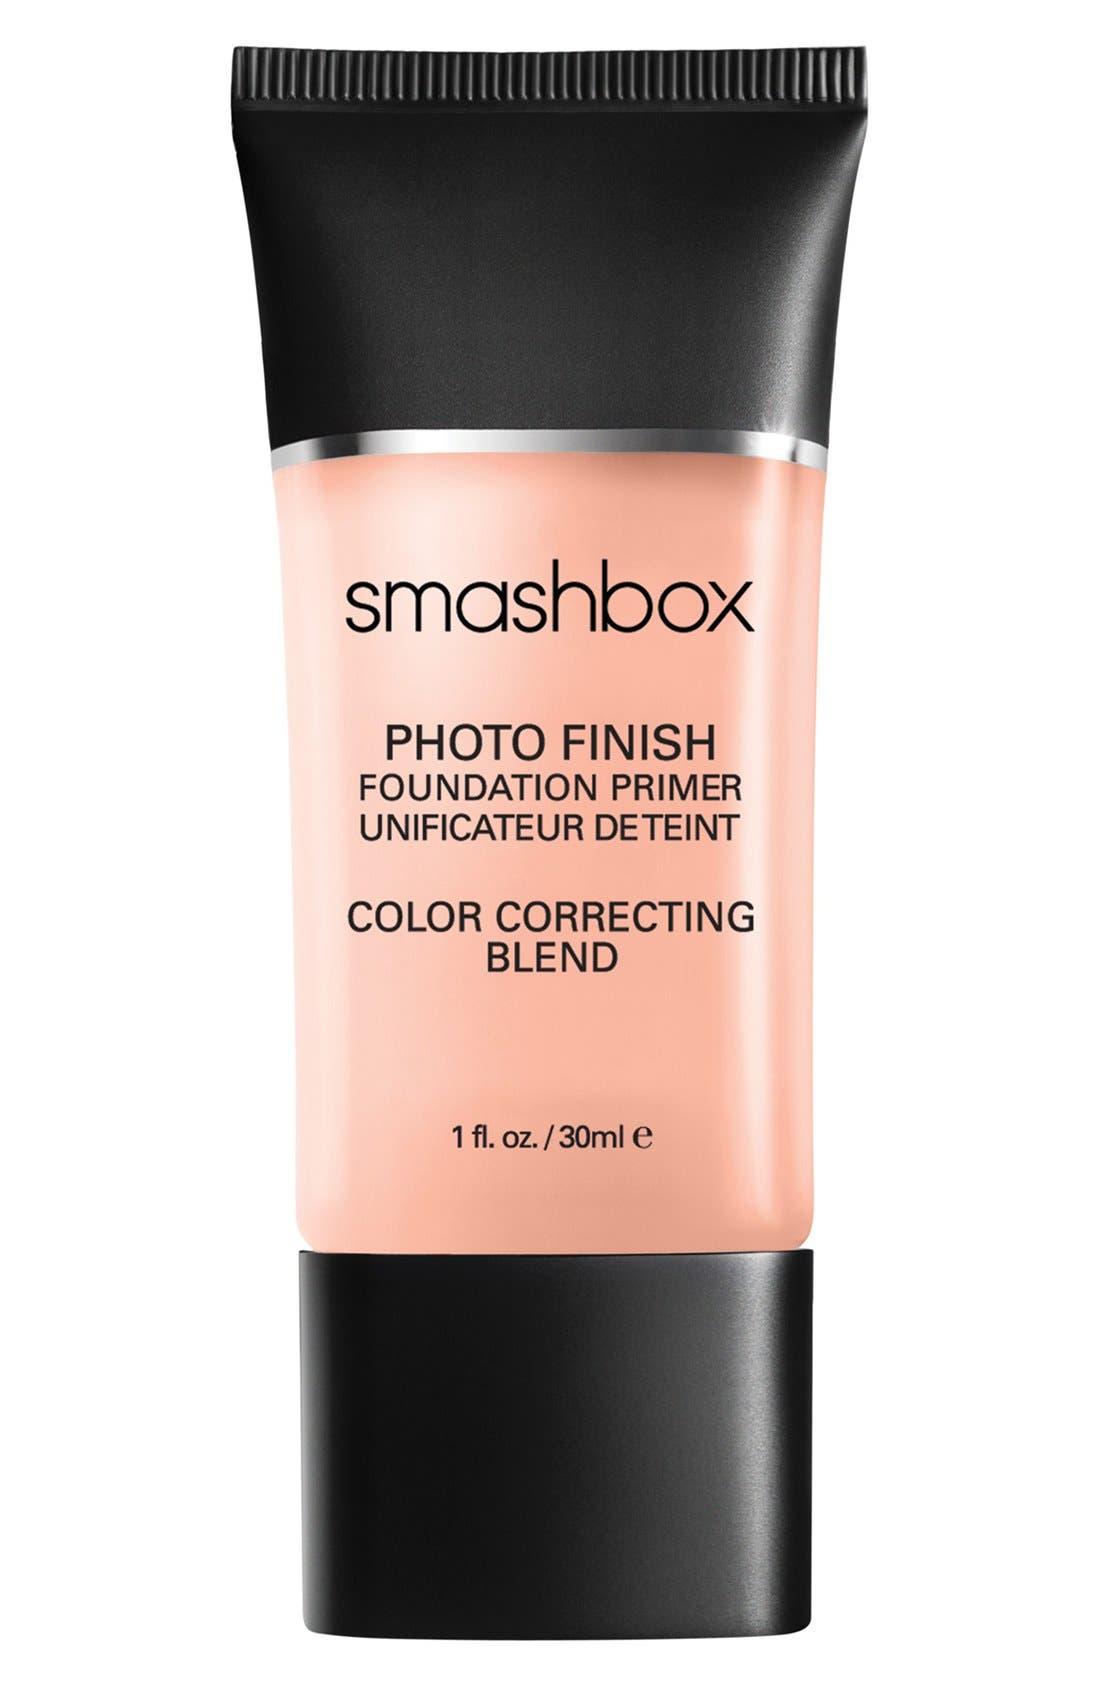 Smashbox Photo Finish Blend Color Correcting Foundation Primer